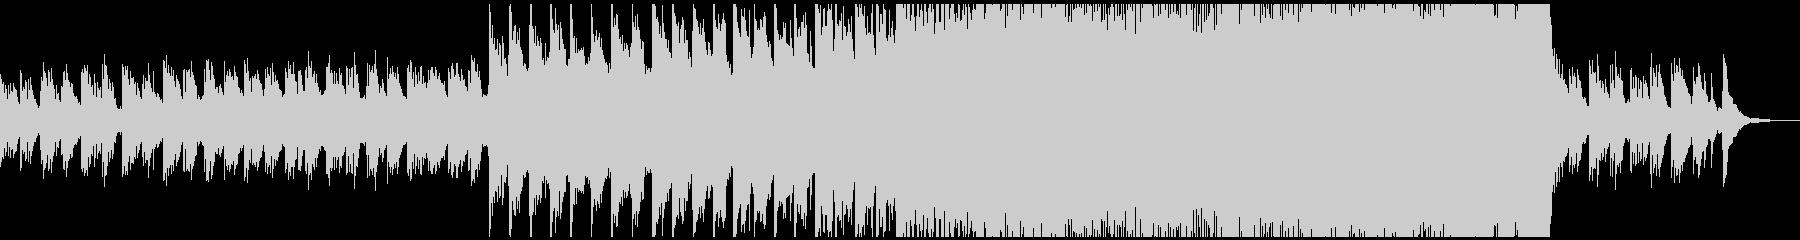 卒業式をイメージしたピアノポップサウンドの未再生の波形